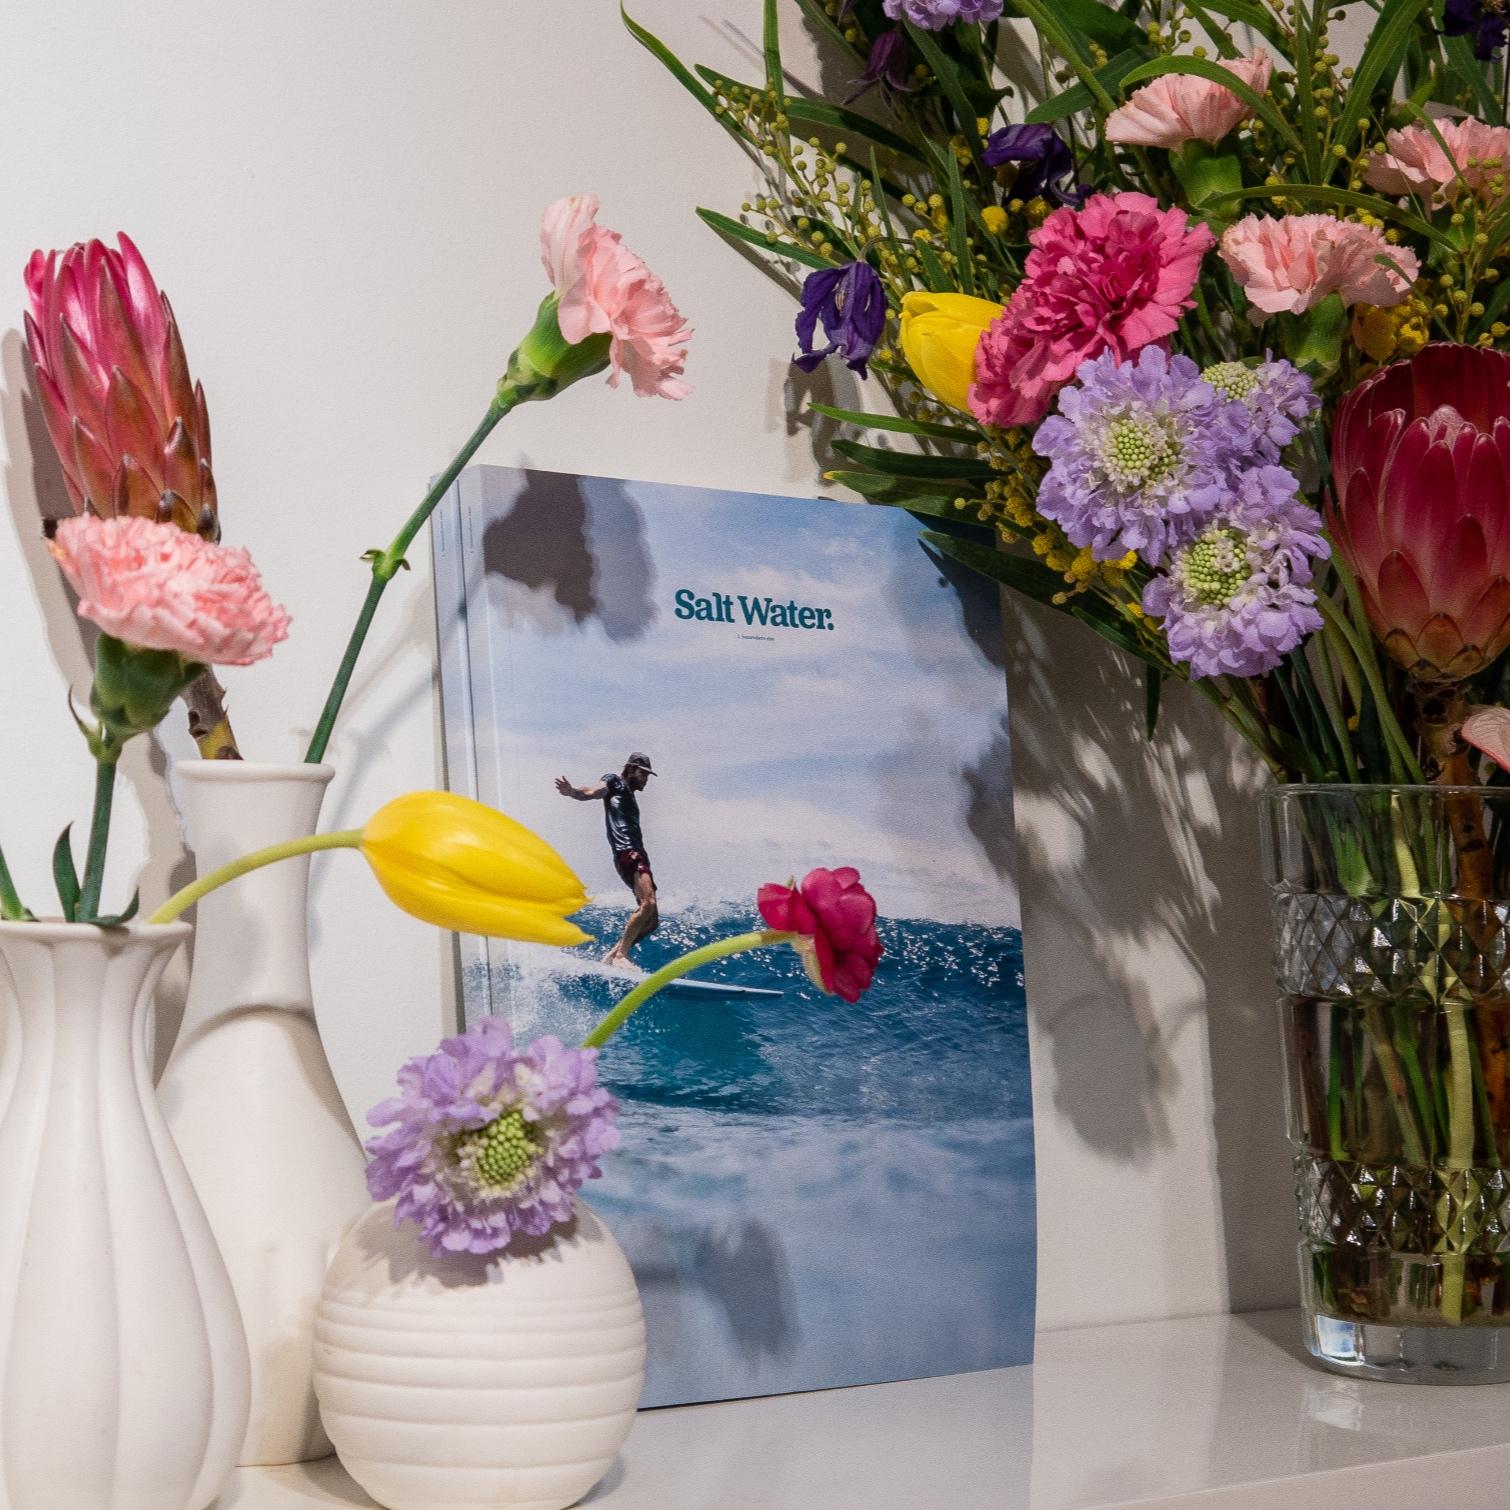 Salt Water - Scénographie & bouquets en libre service